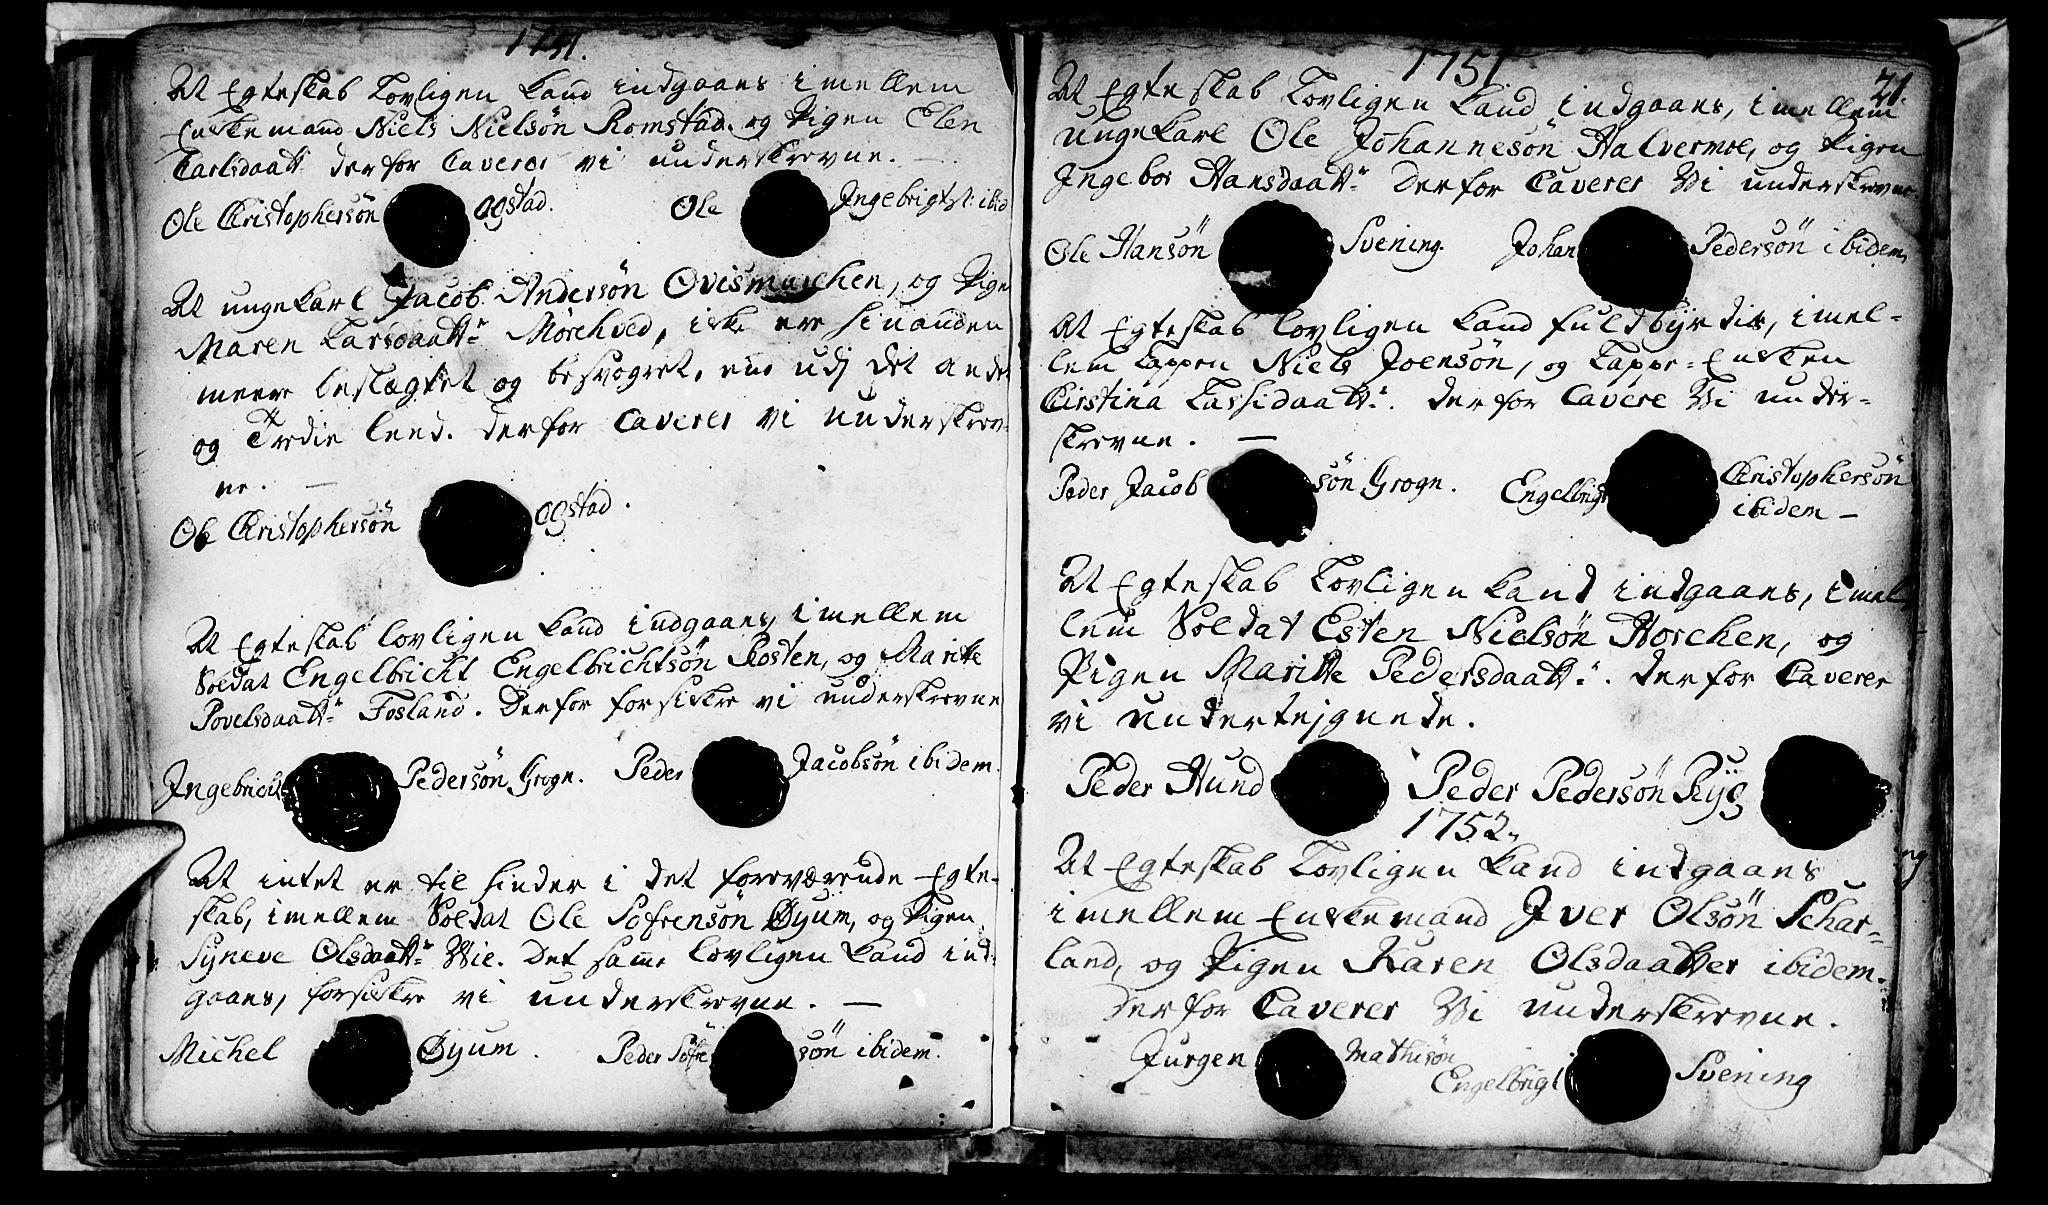 SAT, Ministerialprotokoller, klokkerbøker og fødselsregistre - Nord-Trøndelag, 764/L0541: Ministerialbok nr. 764A01, 1745-1758, s. 21